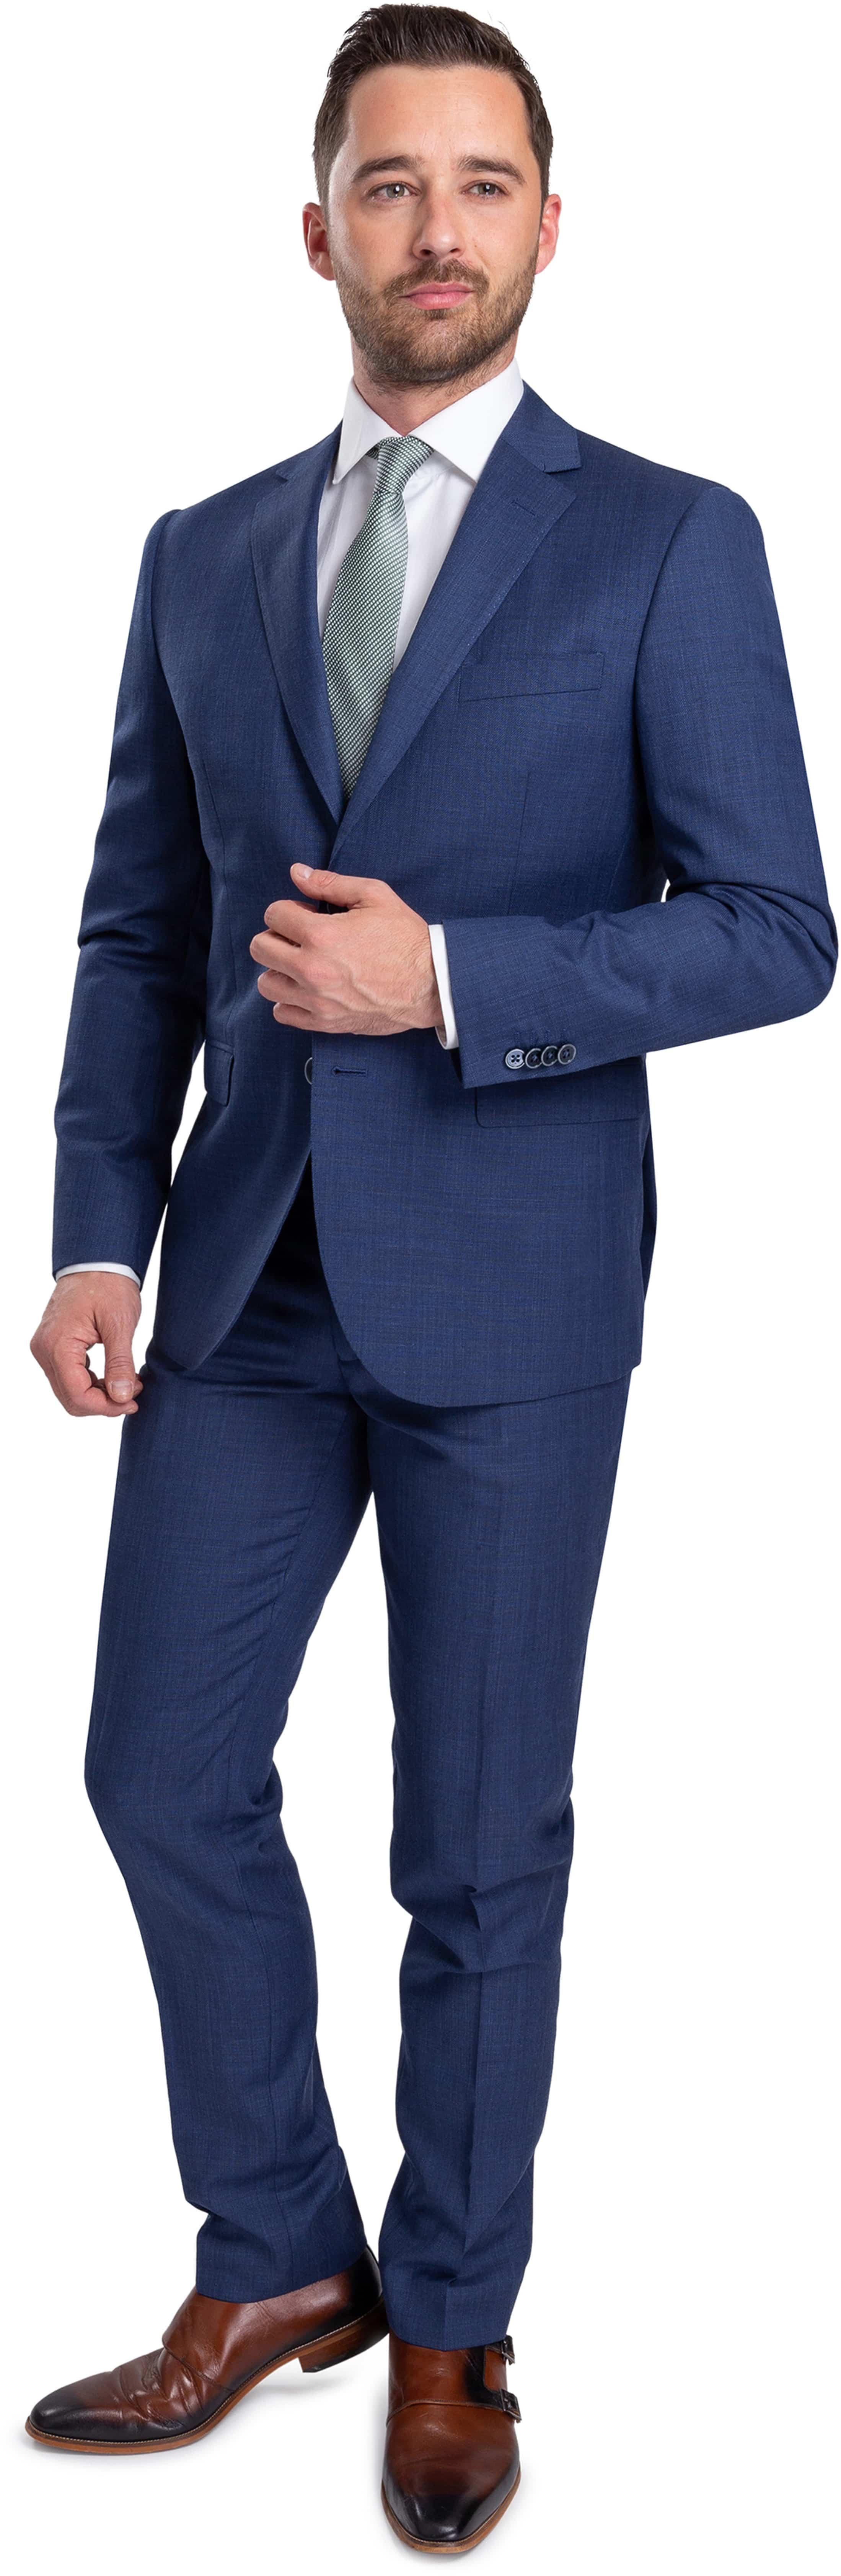 Suitable Lucius Suit Blue